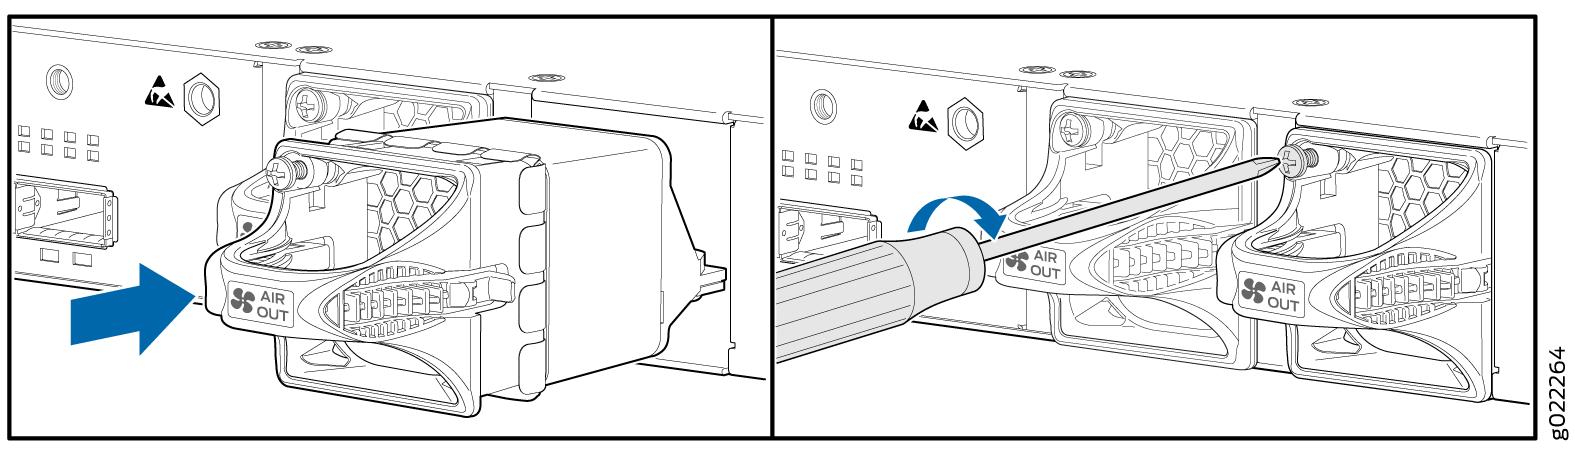 Installing a Fan Module in an EX3400 Switch - TechLibrary - Juniper ...